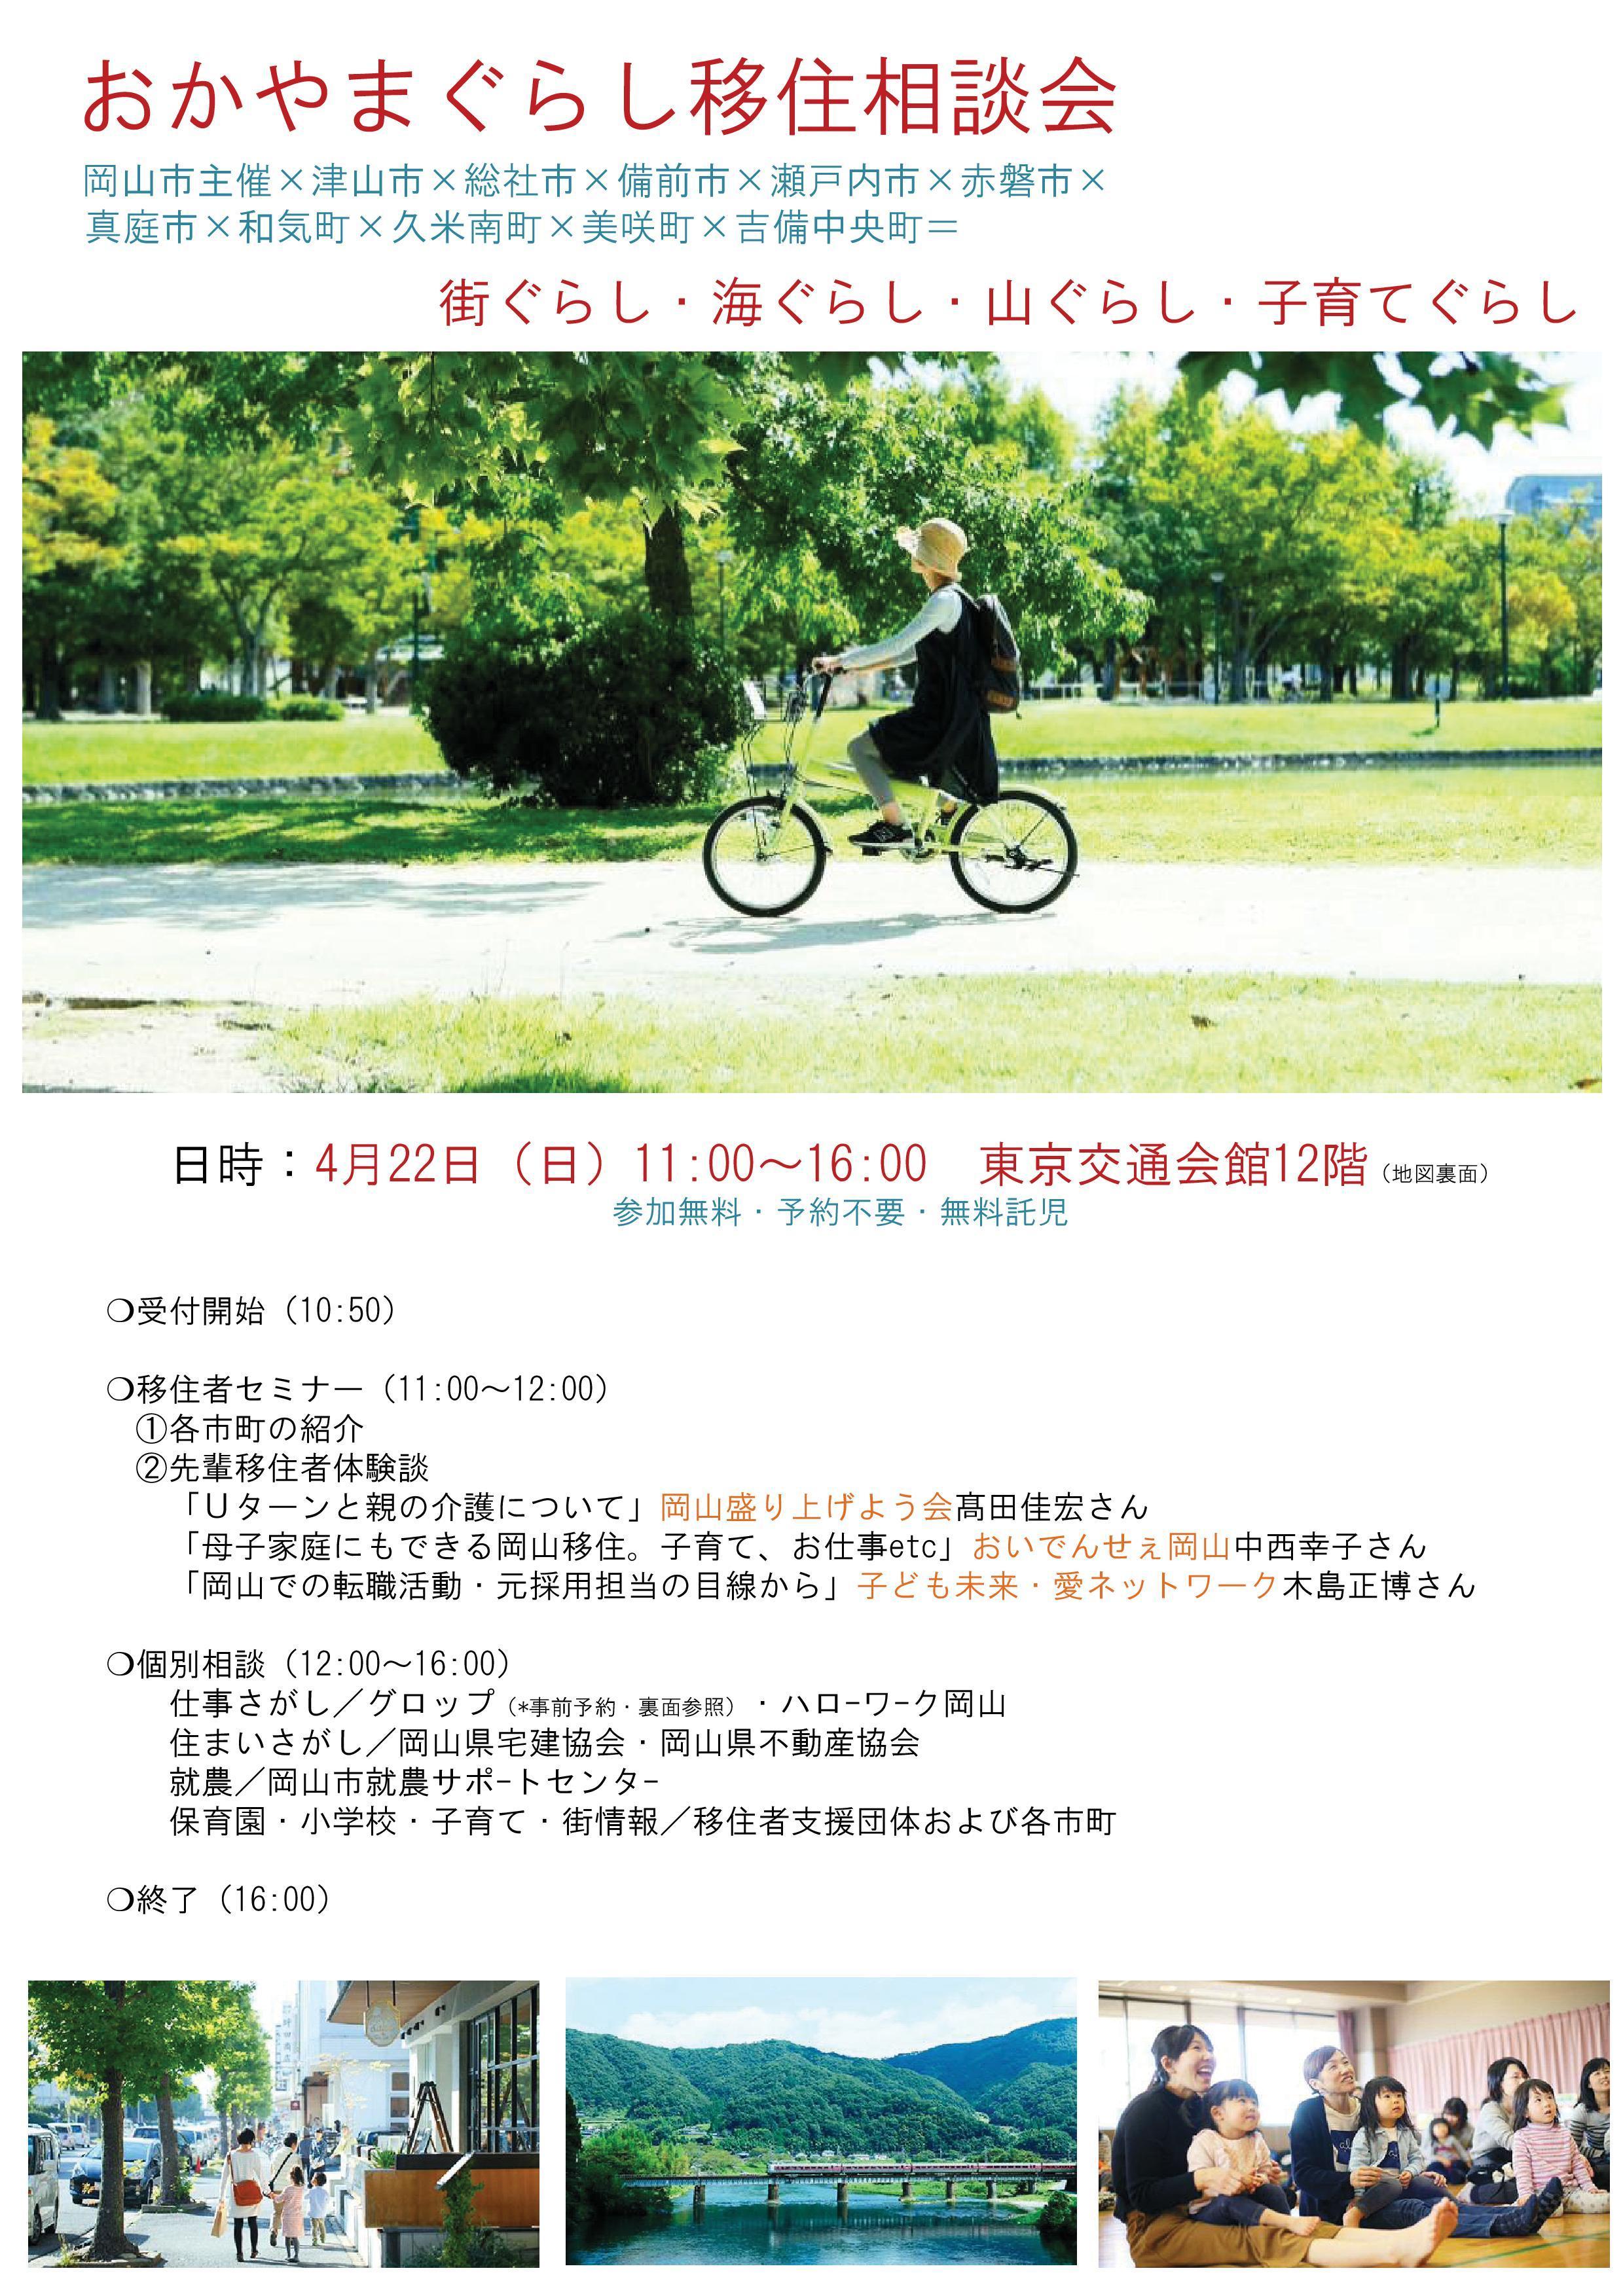 2018年4月22日開催 おかやまぐらし移住相談会に津山市も参加します